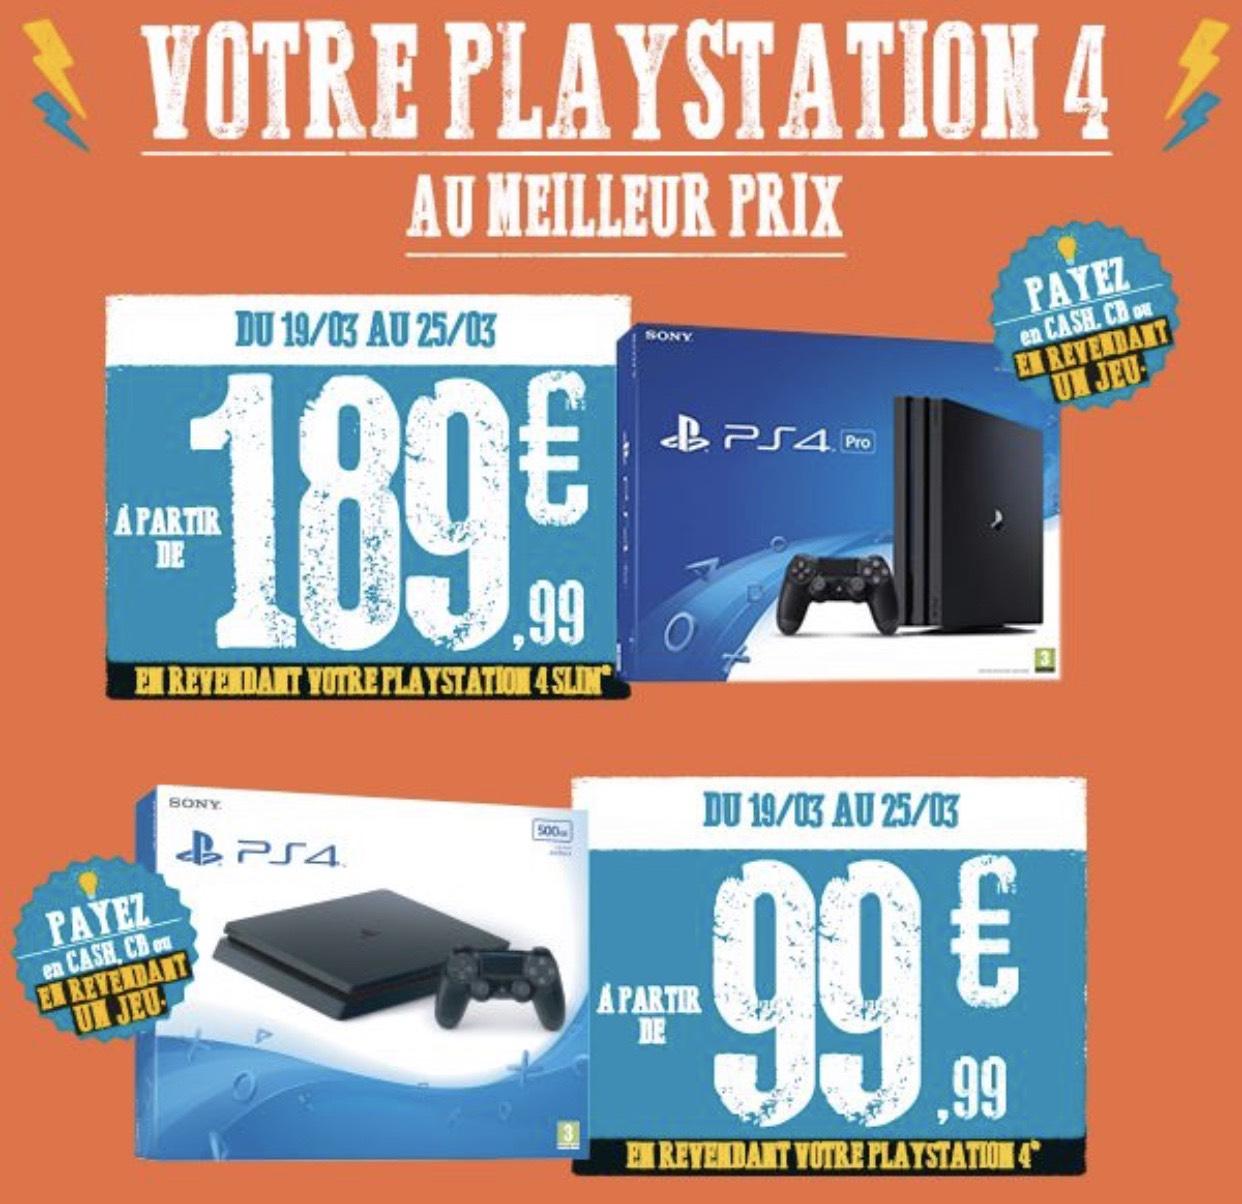 Console Sony PS4 Slim à partir de 89.99€ ou PS4 Pro à partir de 189,99€ (sous condition de reprise)